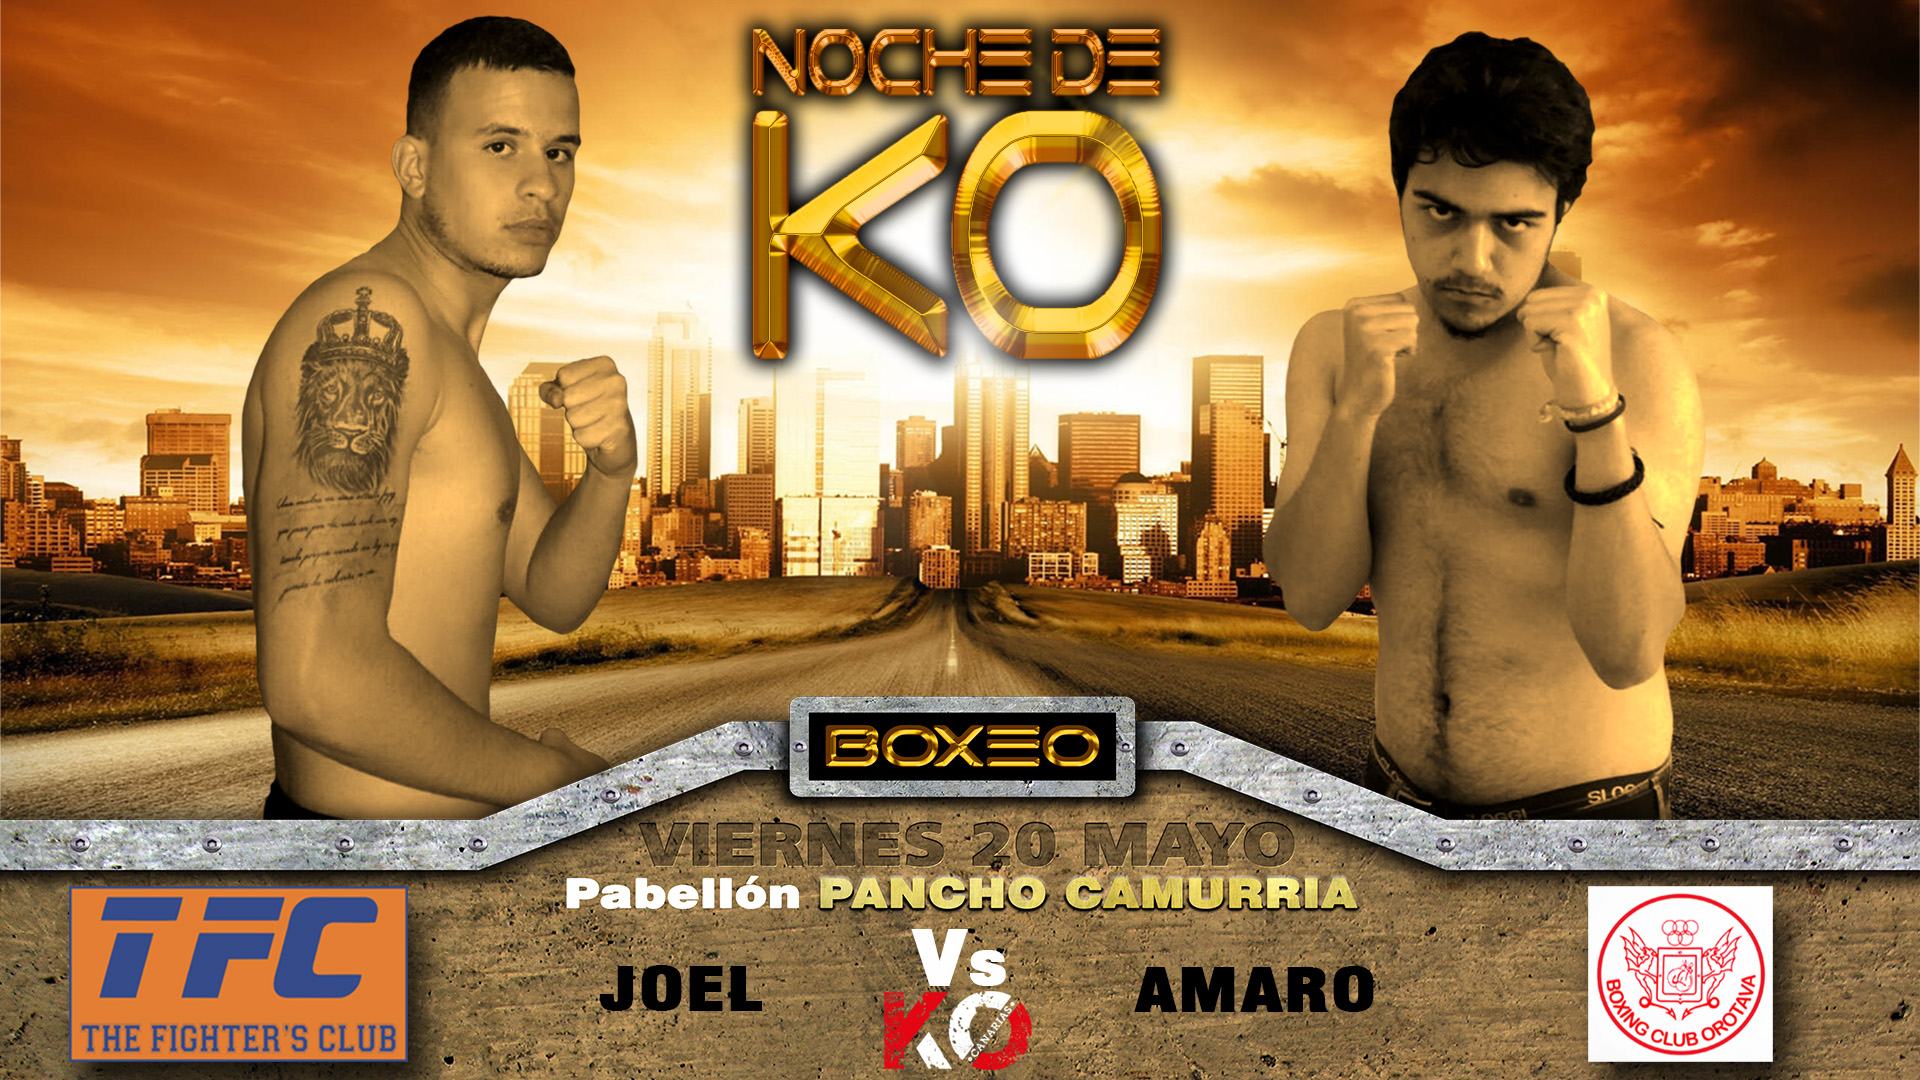 7- joel vs amaro, noche de KO